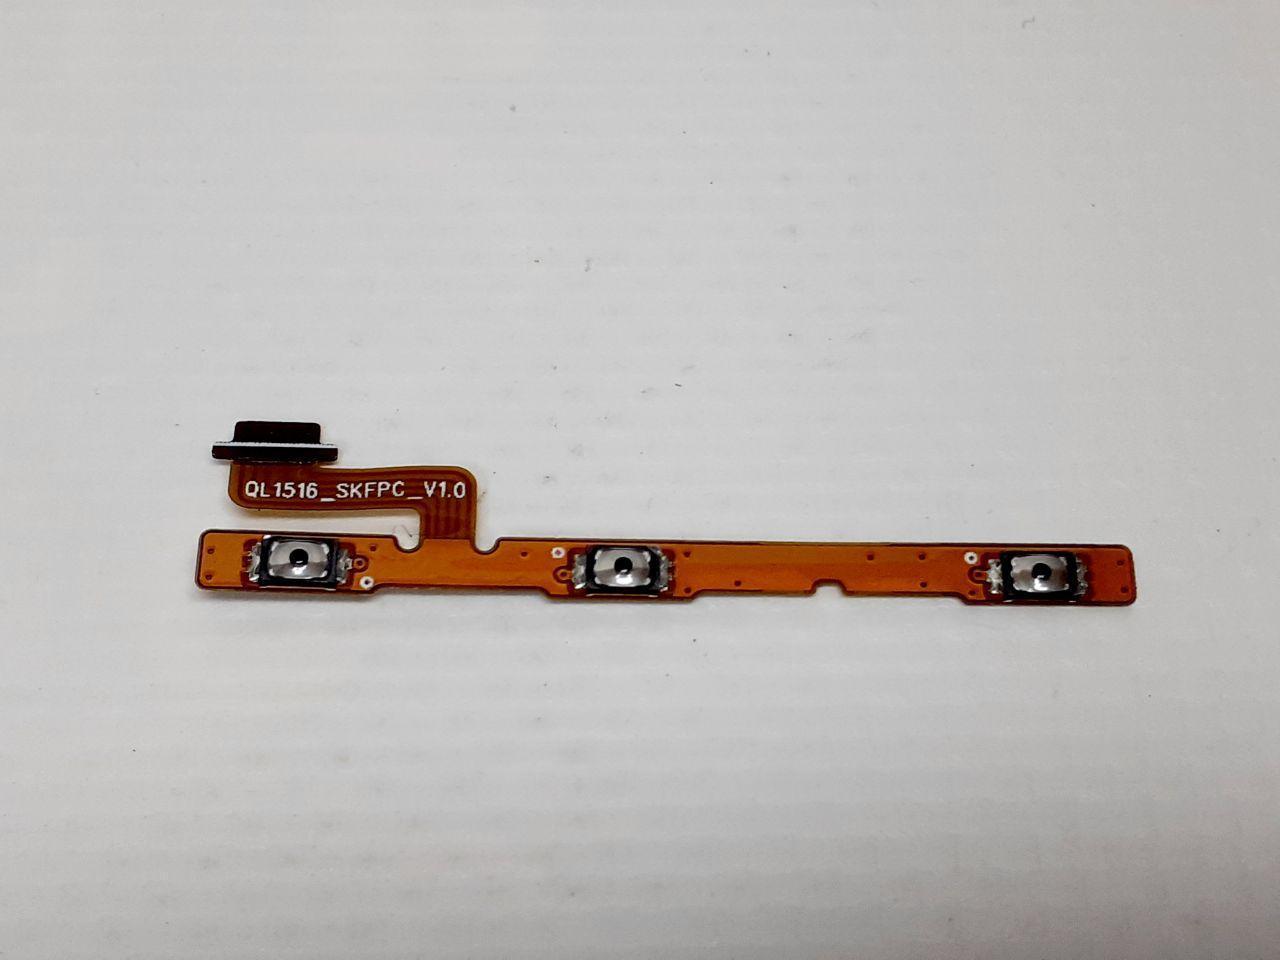 Шлейф кнопок Asus ZenFone 4 Max Pro ZC554KL оригинал ,сервисный